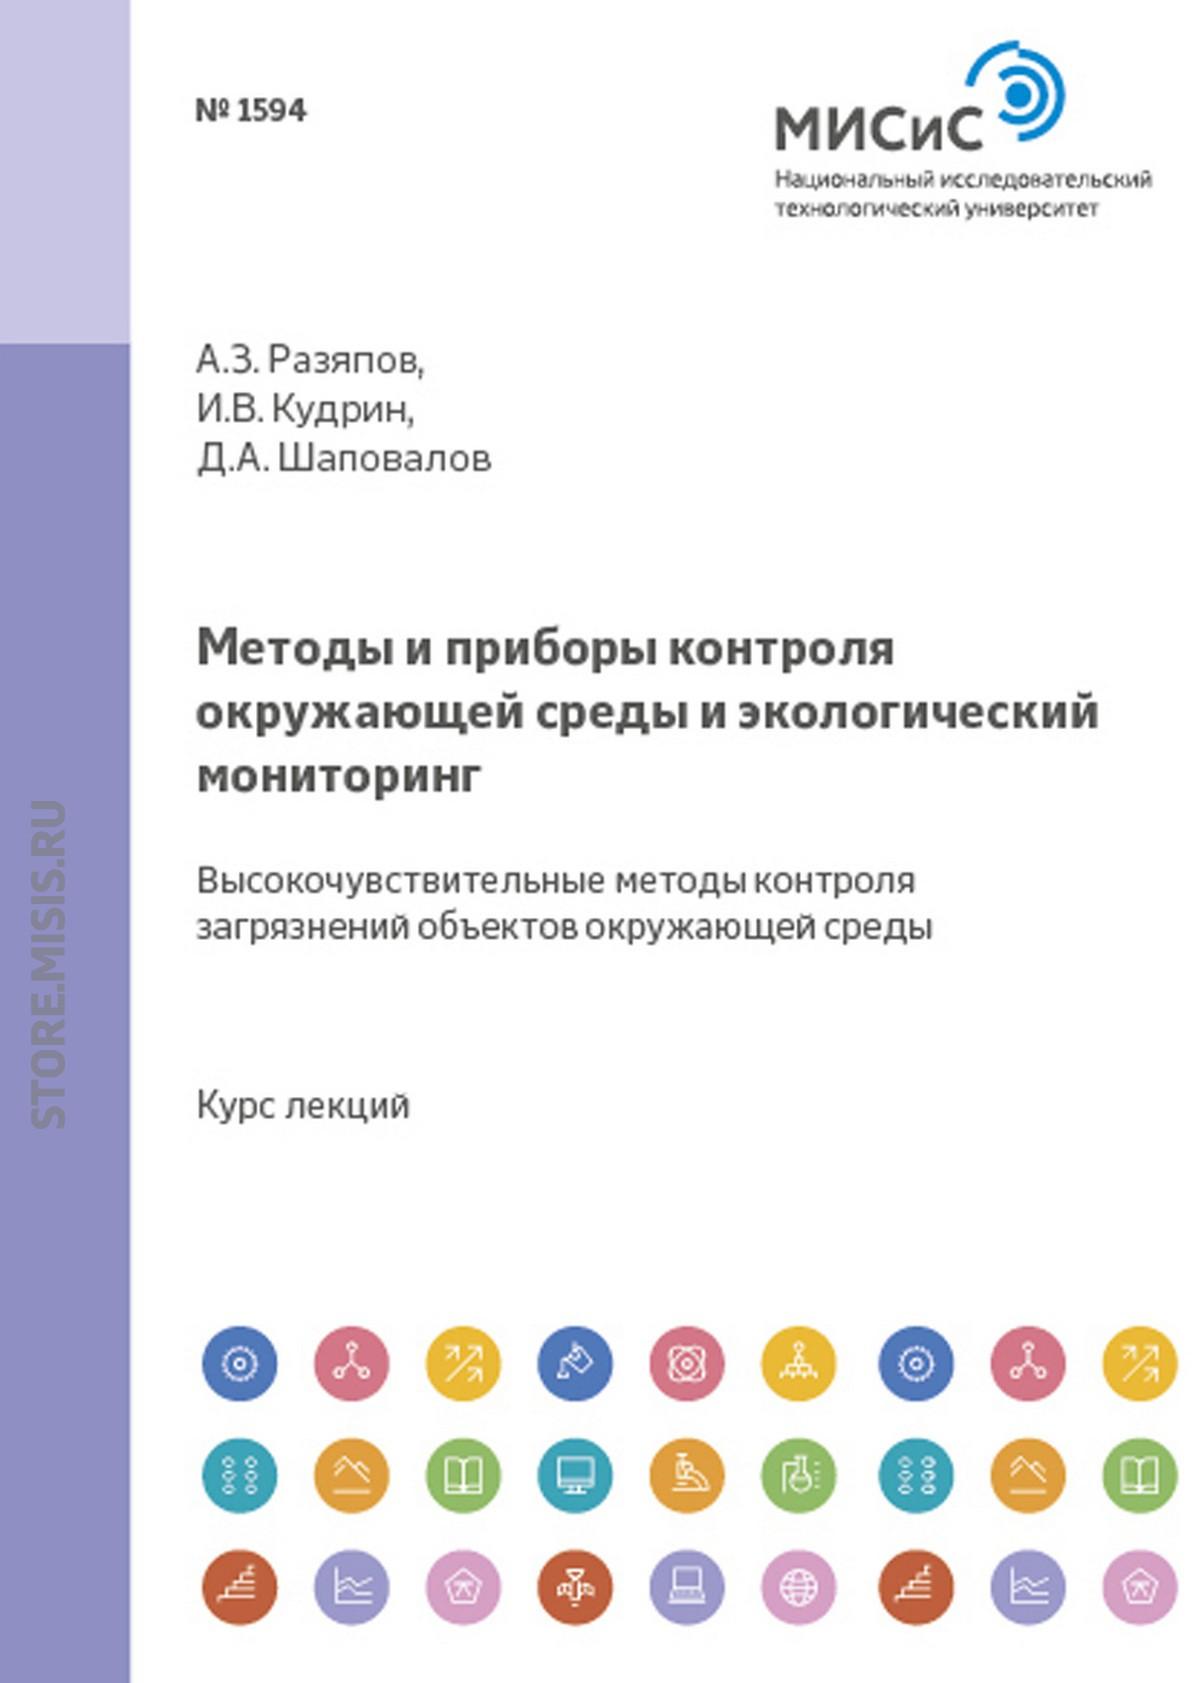 Дмитрий Шаповалов Методы и приборы контроля окружающей среды экологический мониторинг. Высокочувствительные методы загрязнений объектов